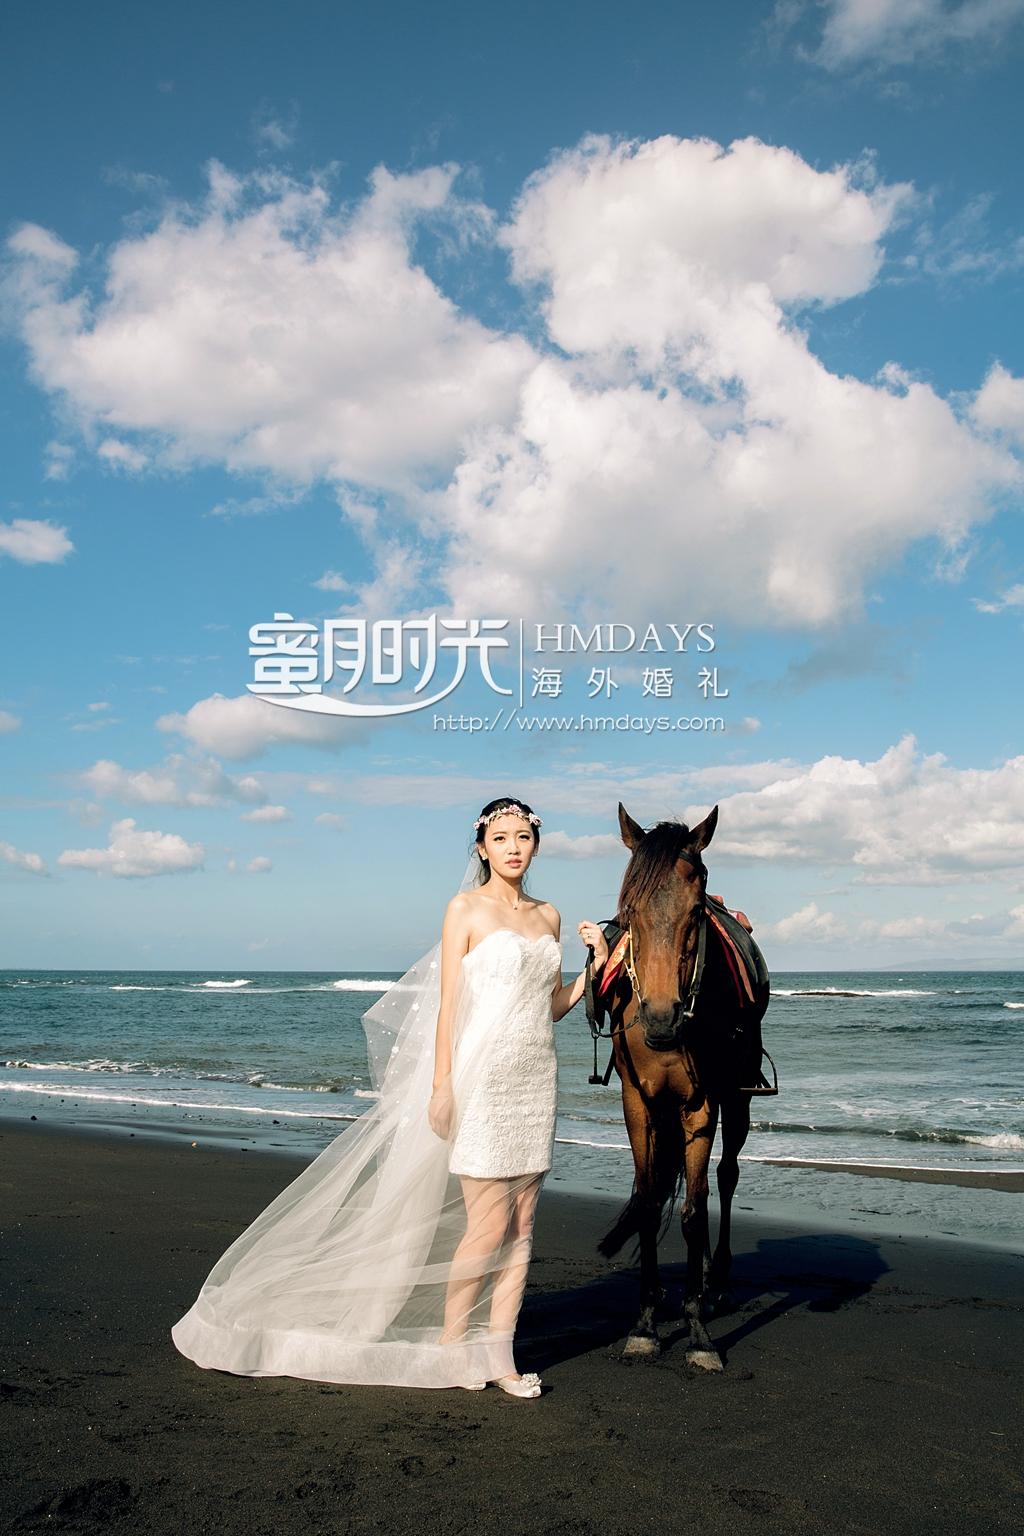 巴厘岛珍珠教堂婚礼加外景跟拍|巴厘岛黑沙滩婚纱摄影|海外婚礼